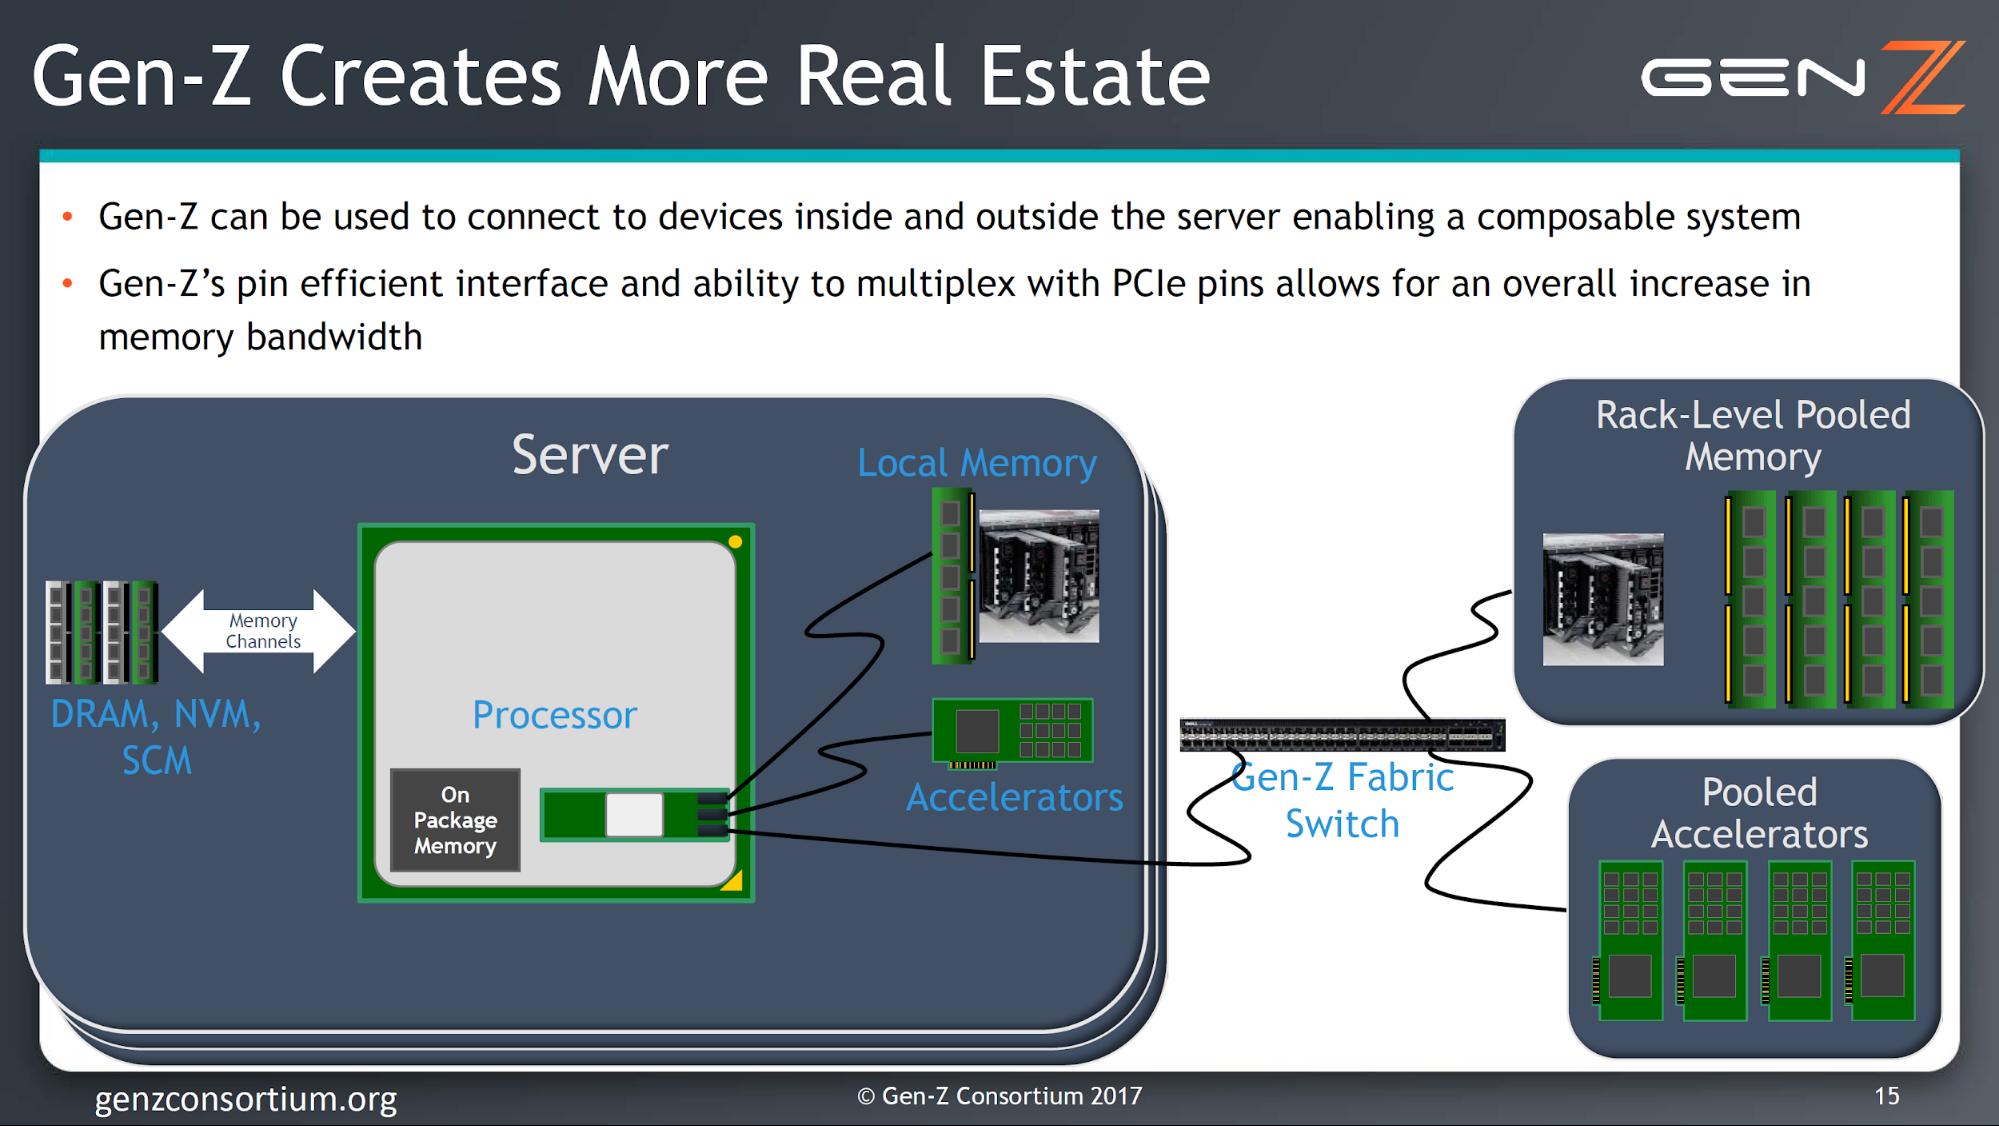 照片中提到了Gen-Z Creates More Real Estate、GEN /、Gen-Z can be used to connect to devices inside and outside the server enabling a composable system,包含了軟件、Z世代、PCI Express、PCI-SIG、惠普企業